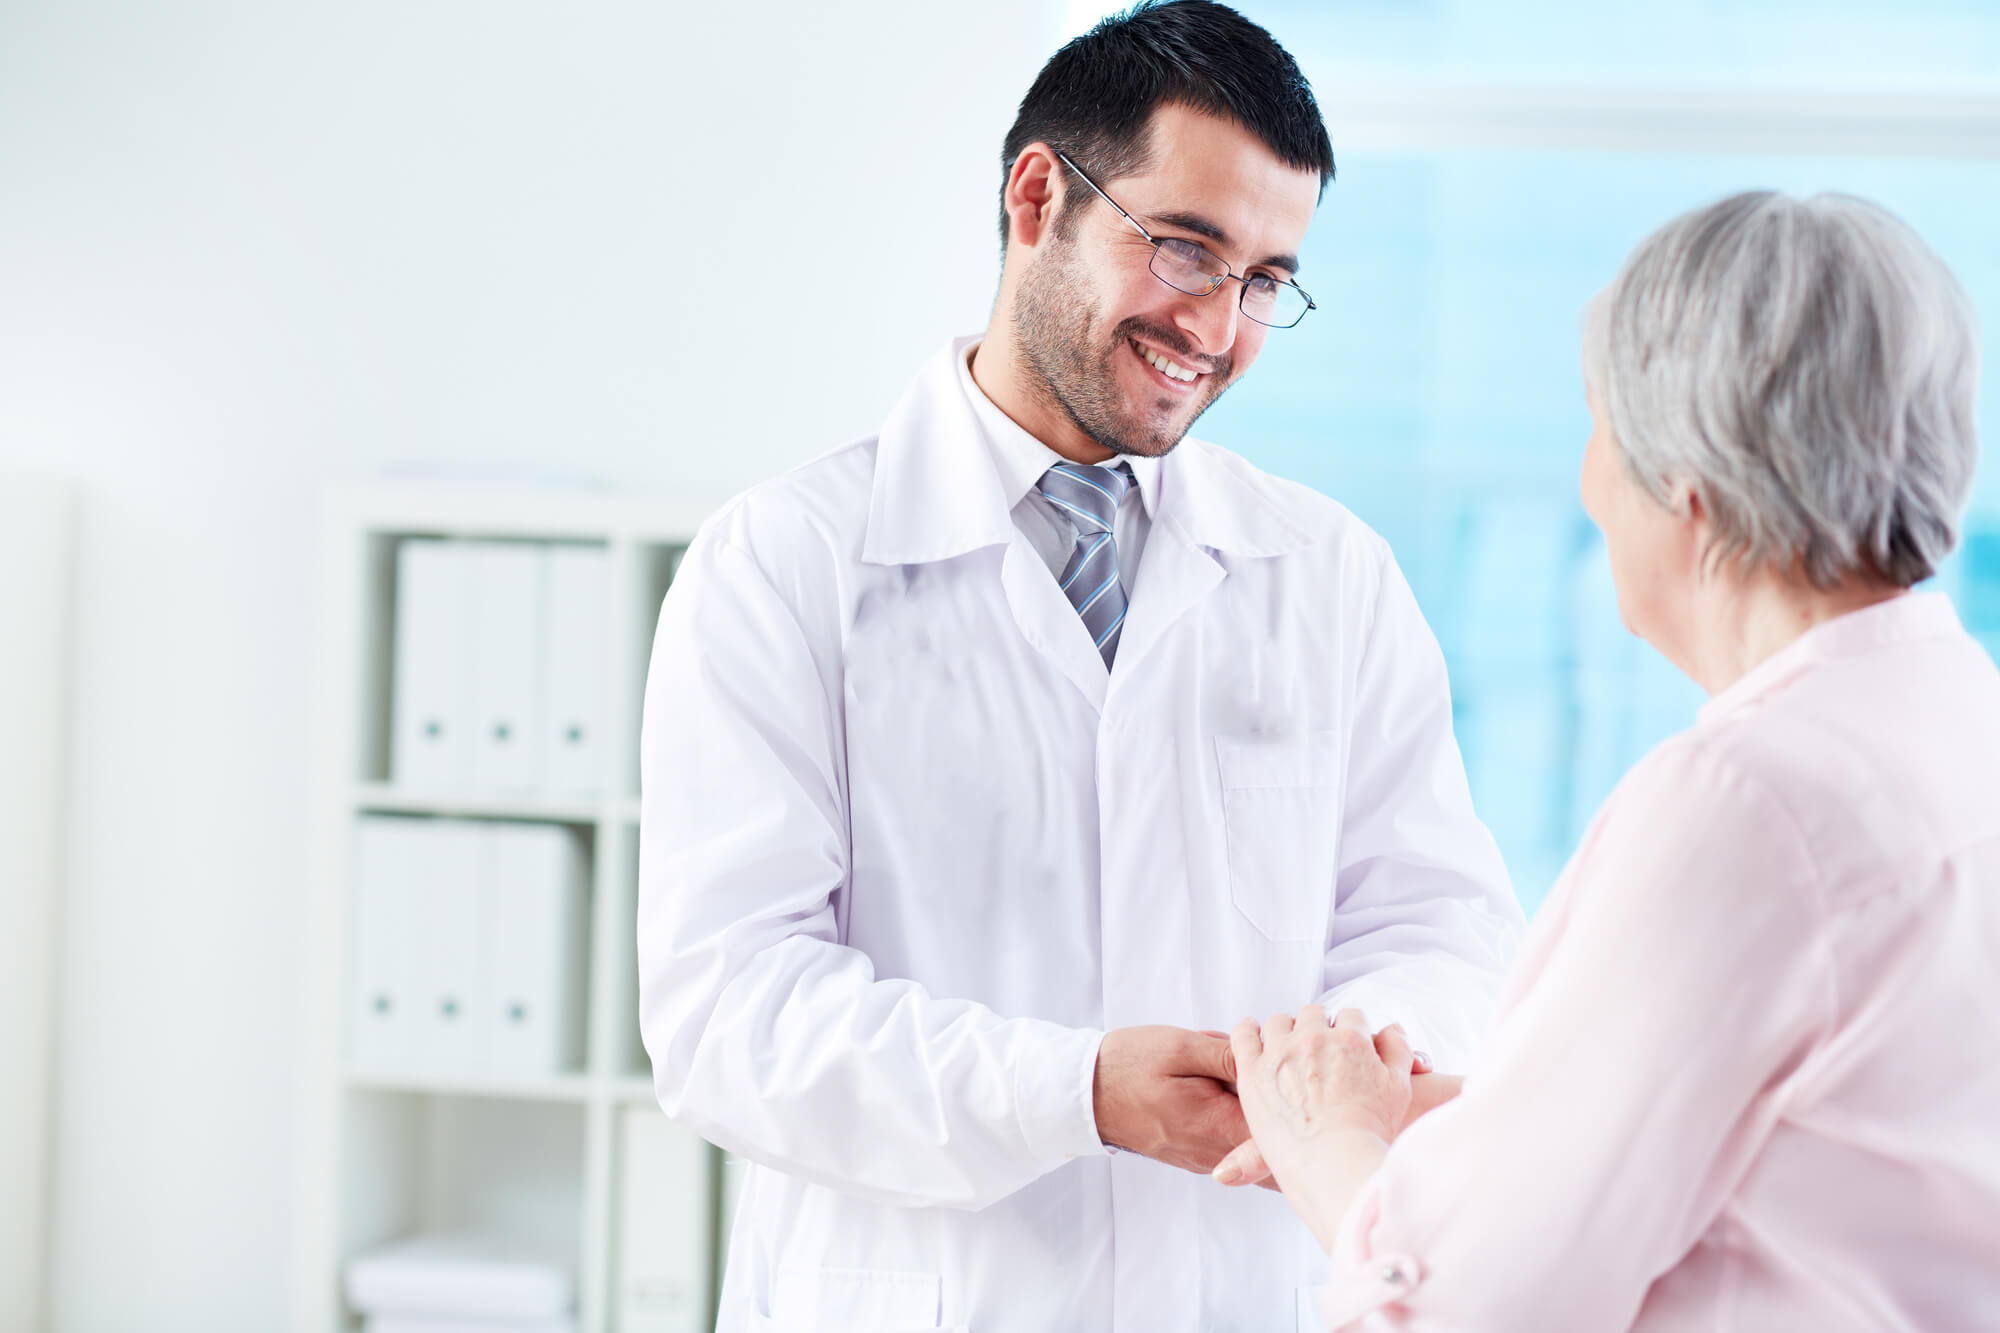 Atendimento ao paciente: 6 boas práticas para seu consultório